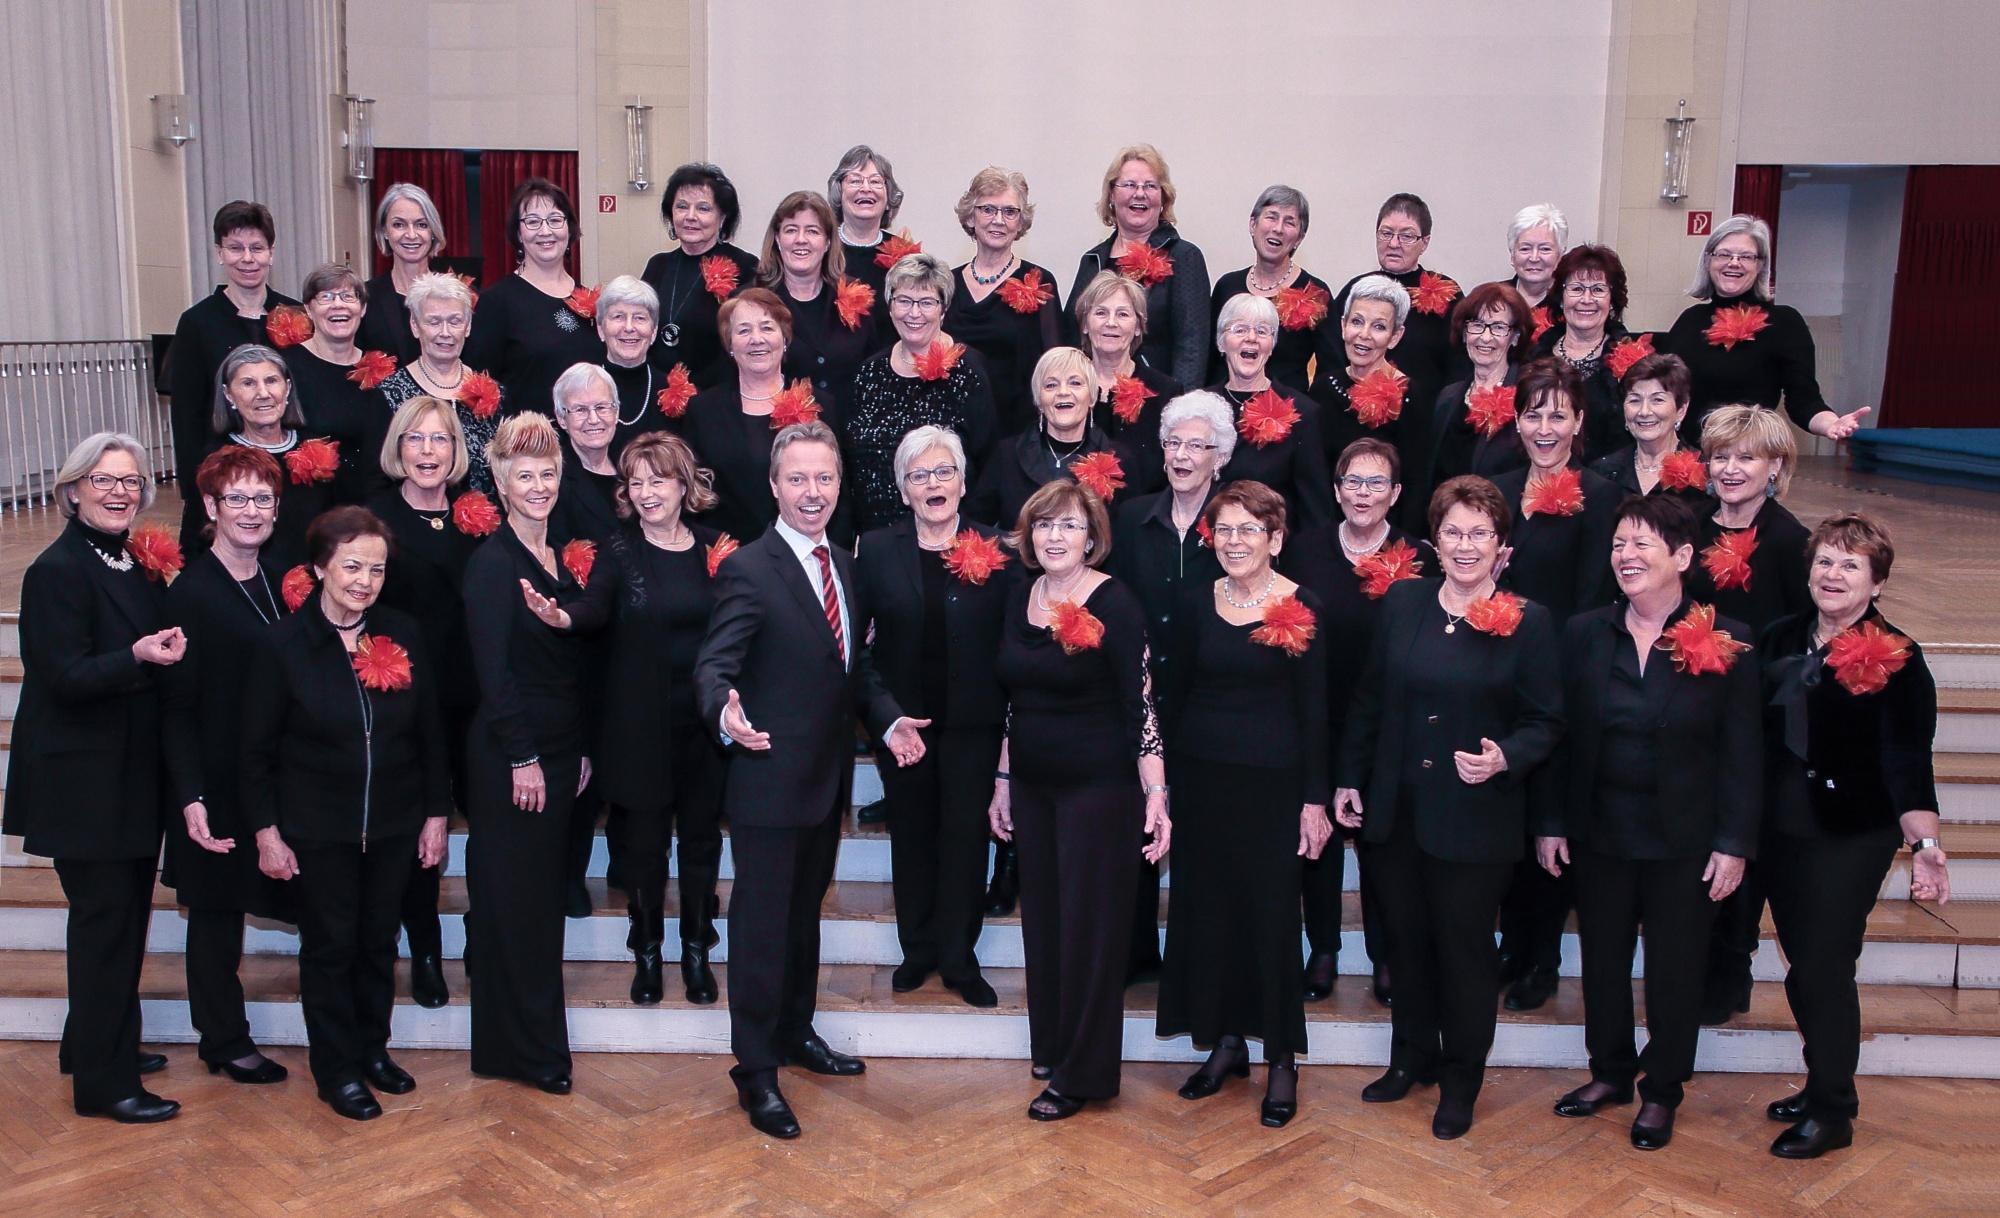 Frauenchor Singen e.V.